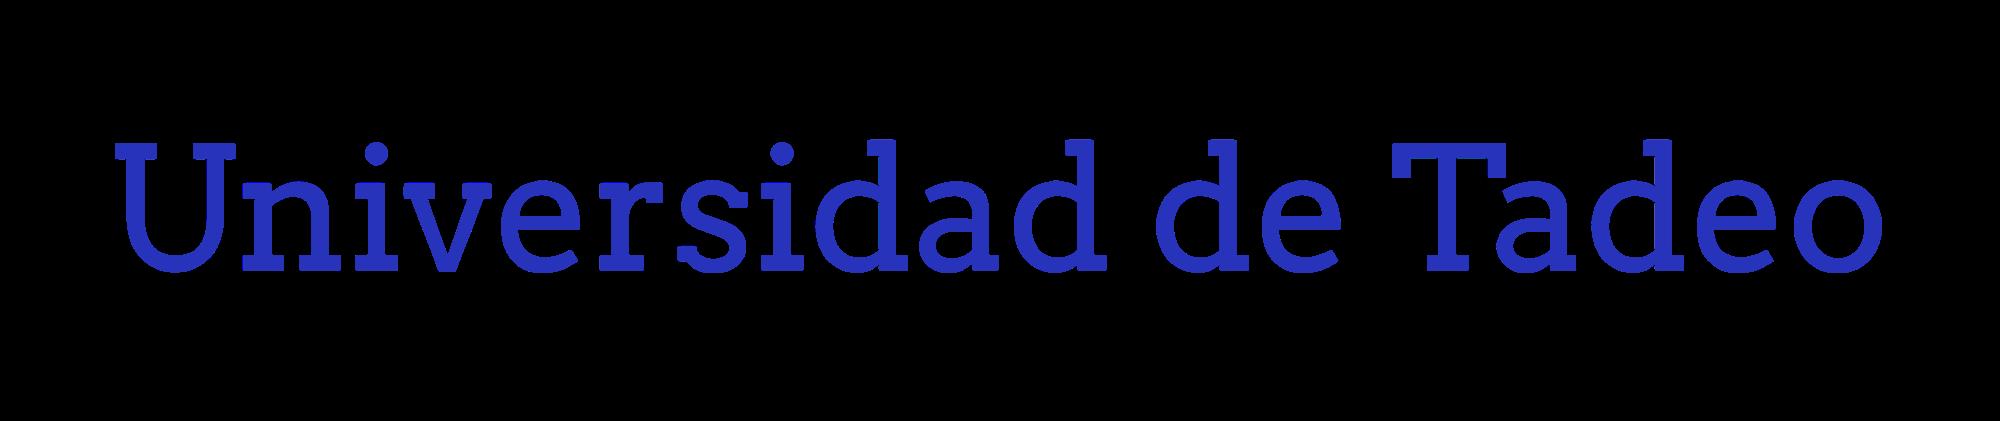 Universidad de Tadeo-logo.png